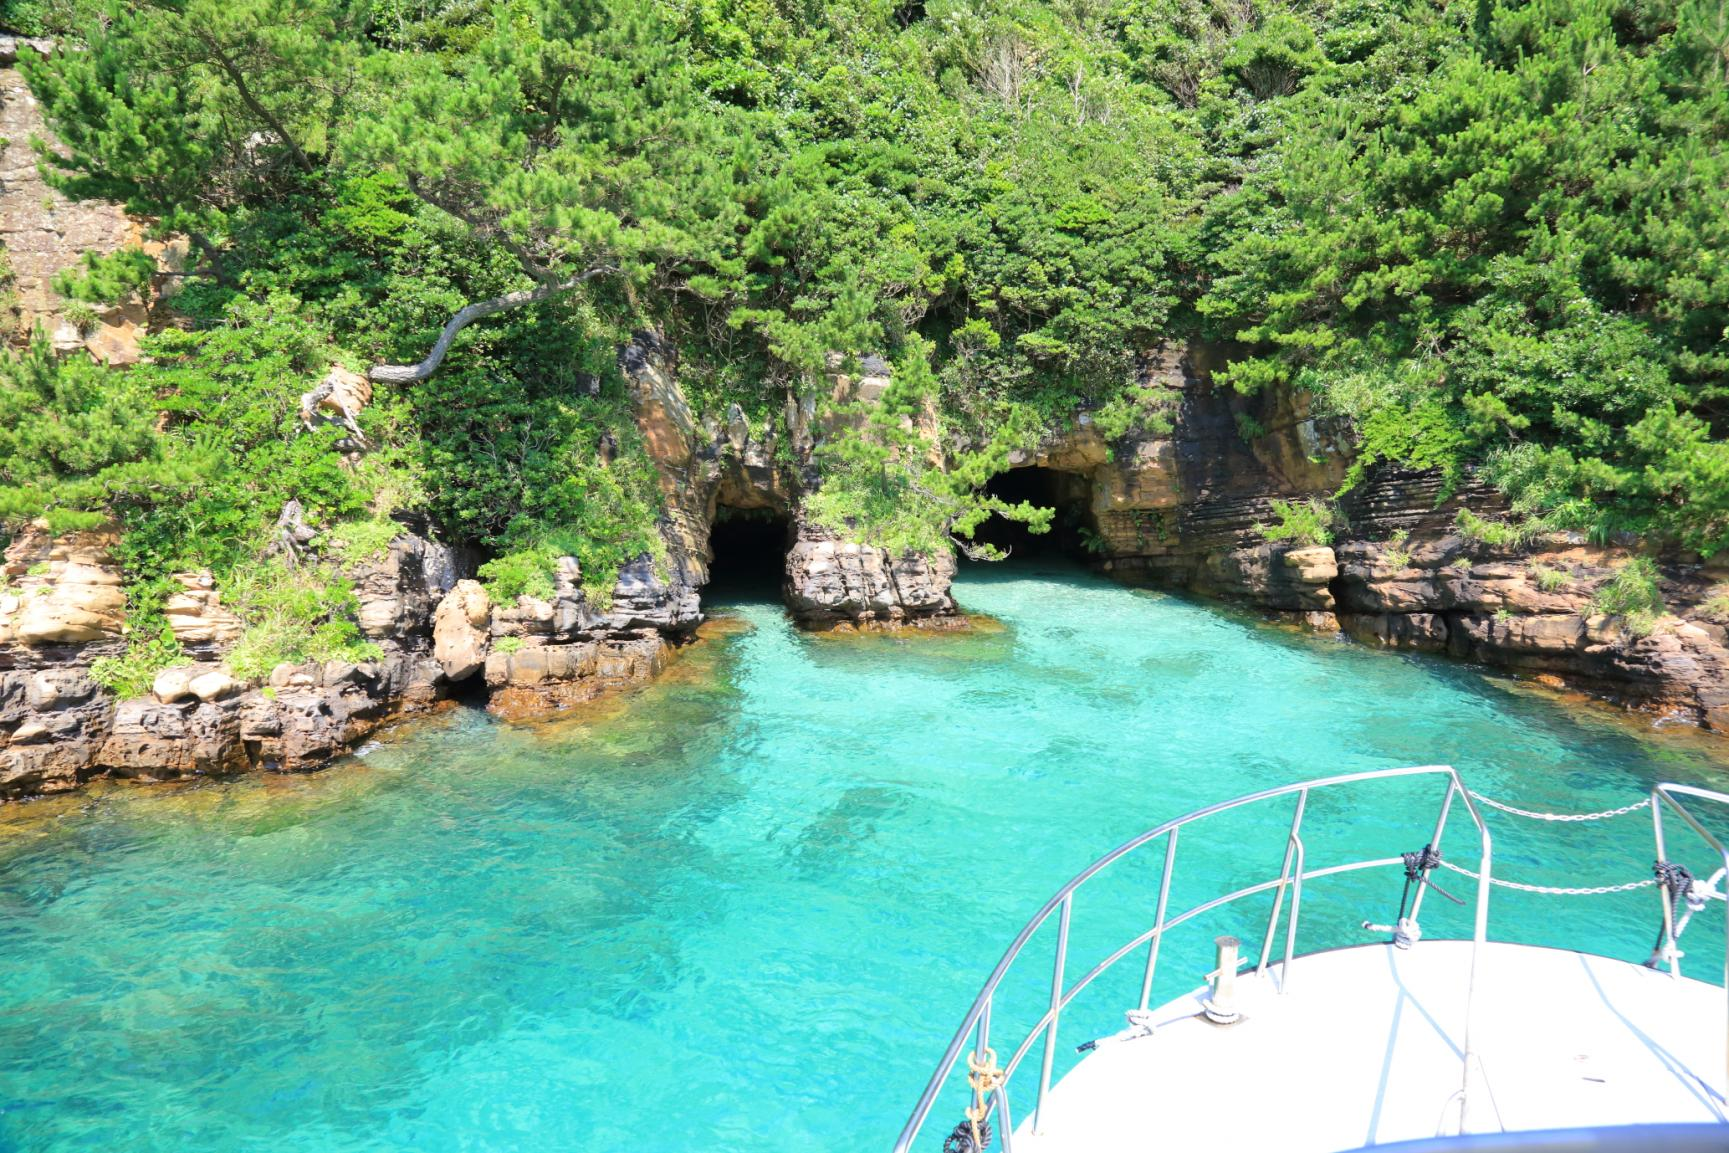 長崎しま旅。好奇心の島々へ。-Special Movie Site--1